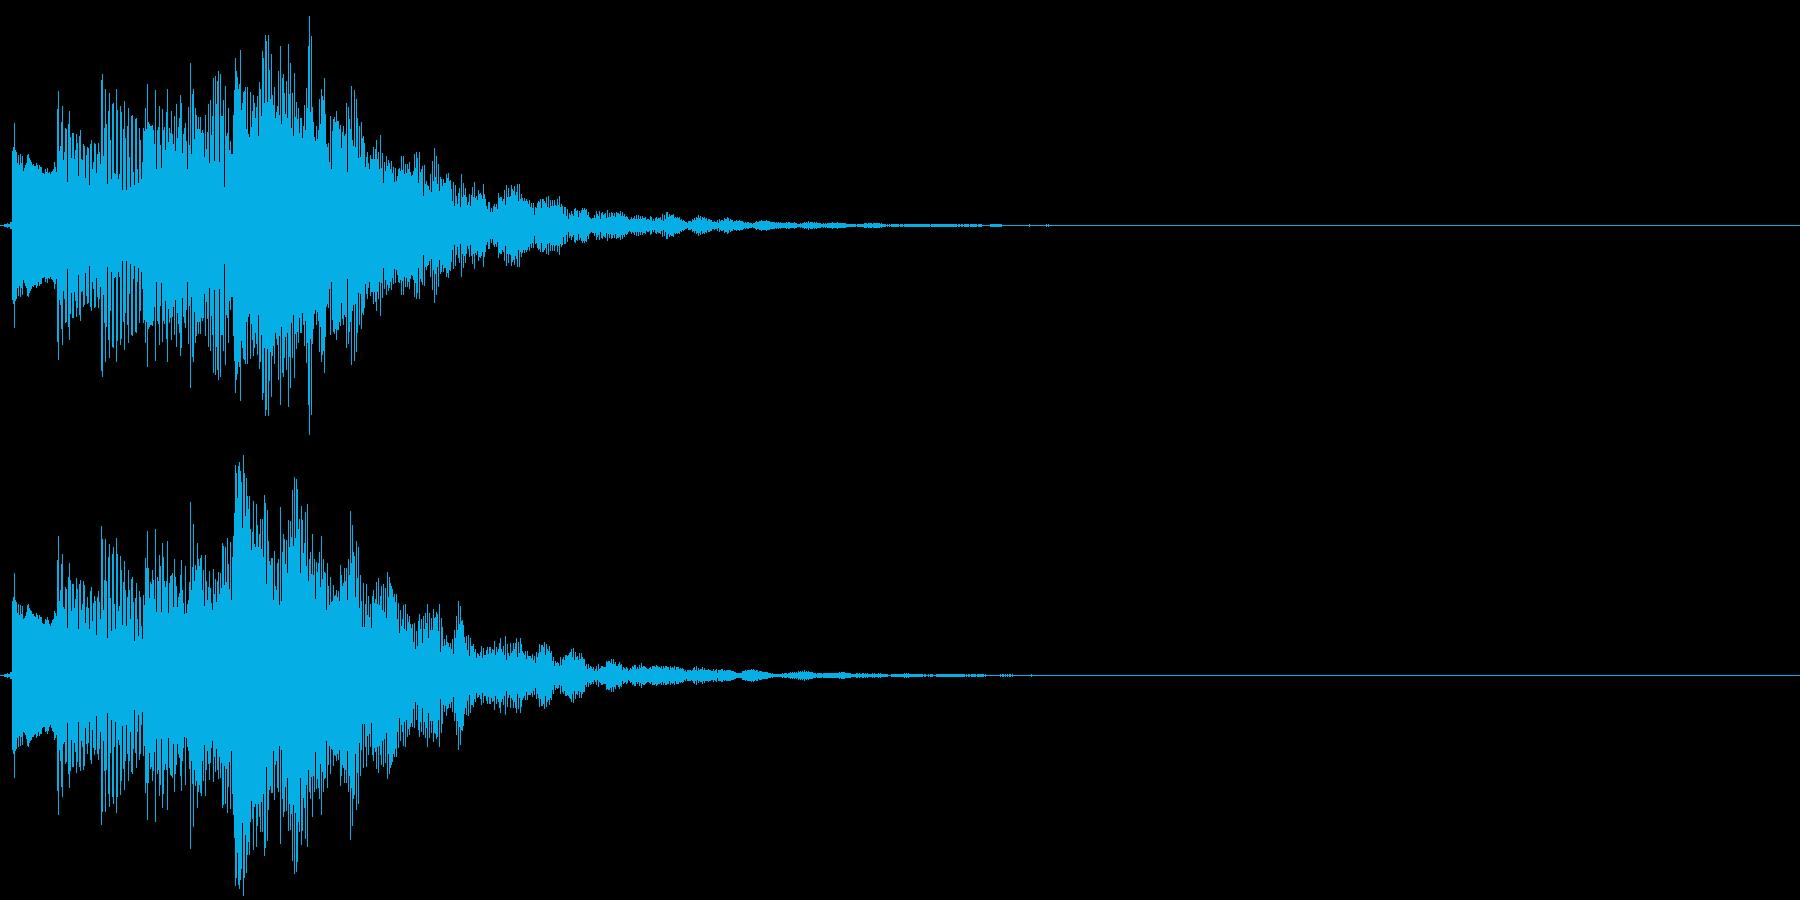 可愛らしい電子音のサウンドロゴの再生済みの波形